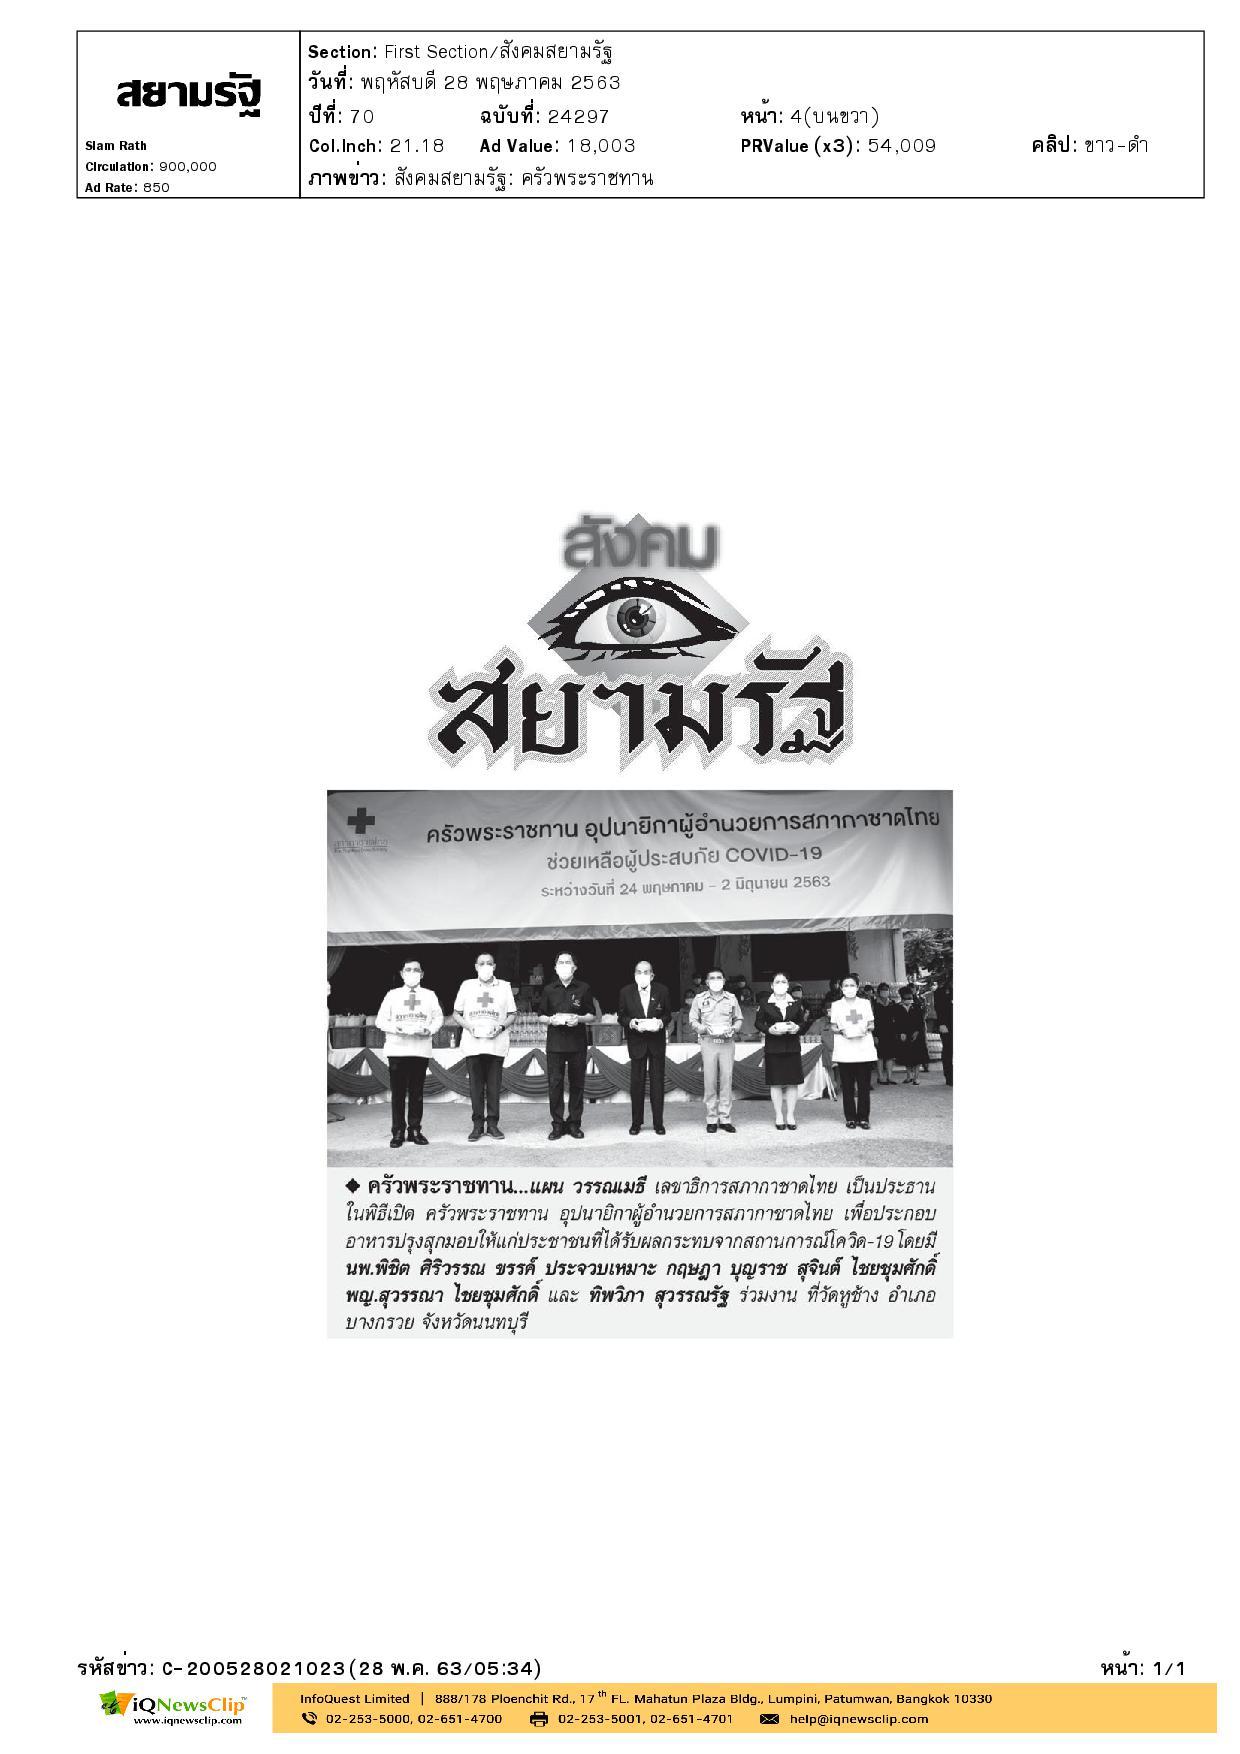 ครัวพระราชทาน จ.นนทบุรี